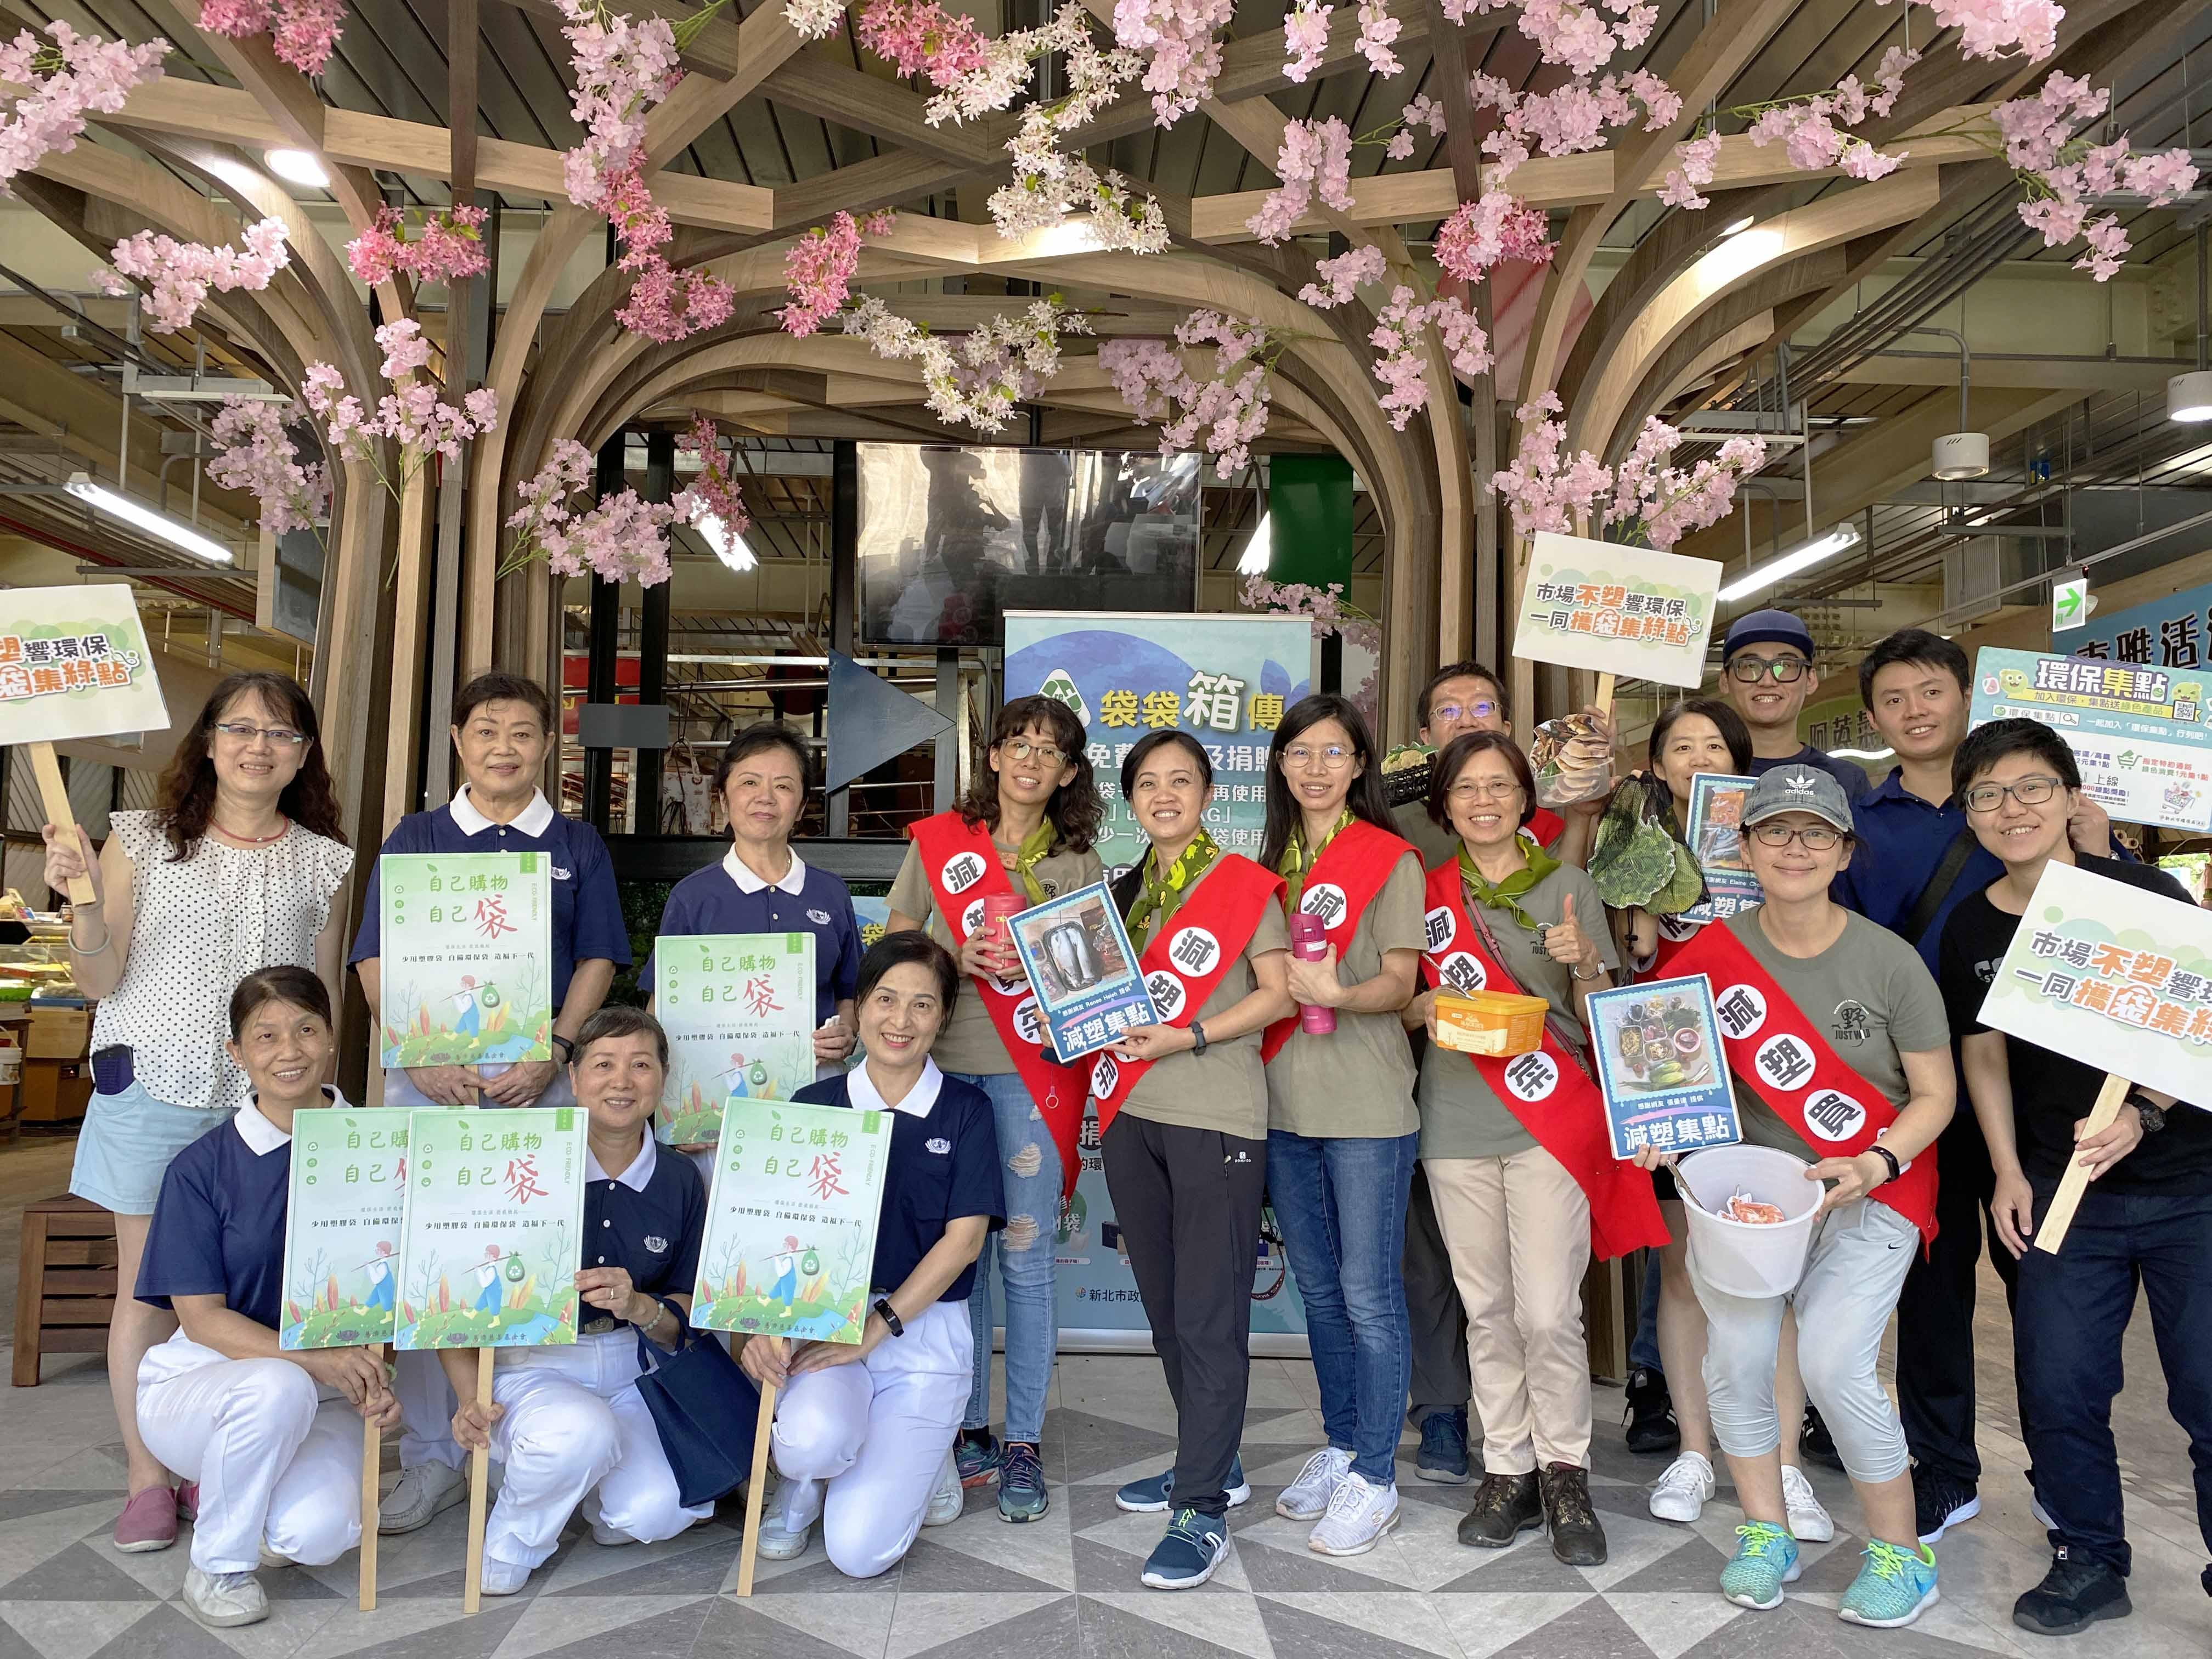 環保局與荒野保護協會及大愛台減塑同盟共同推廣不塑市場。